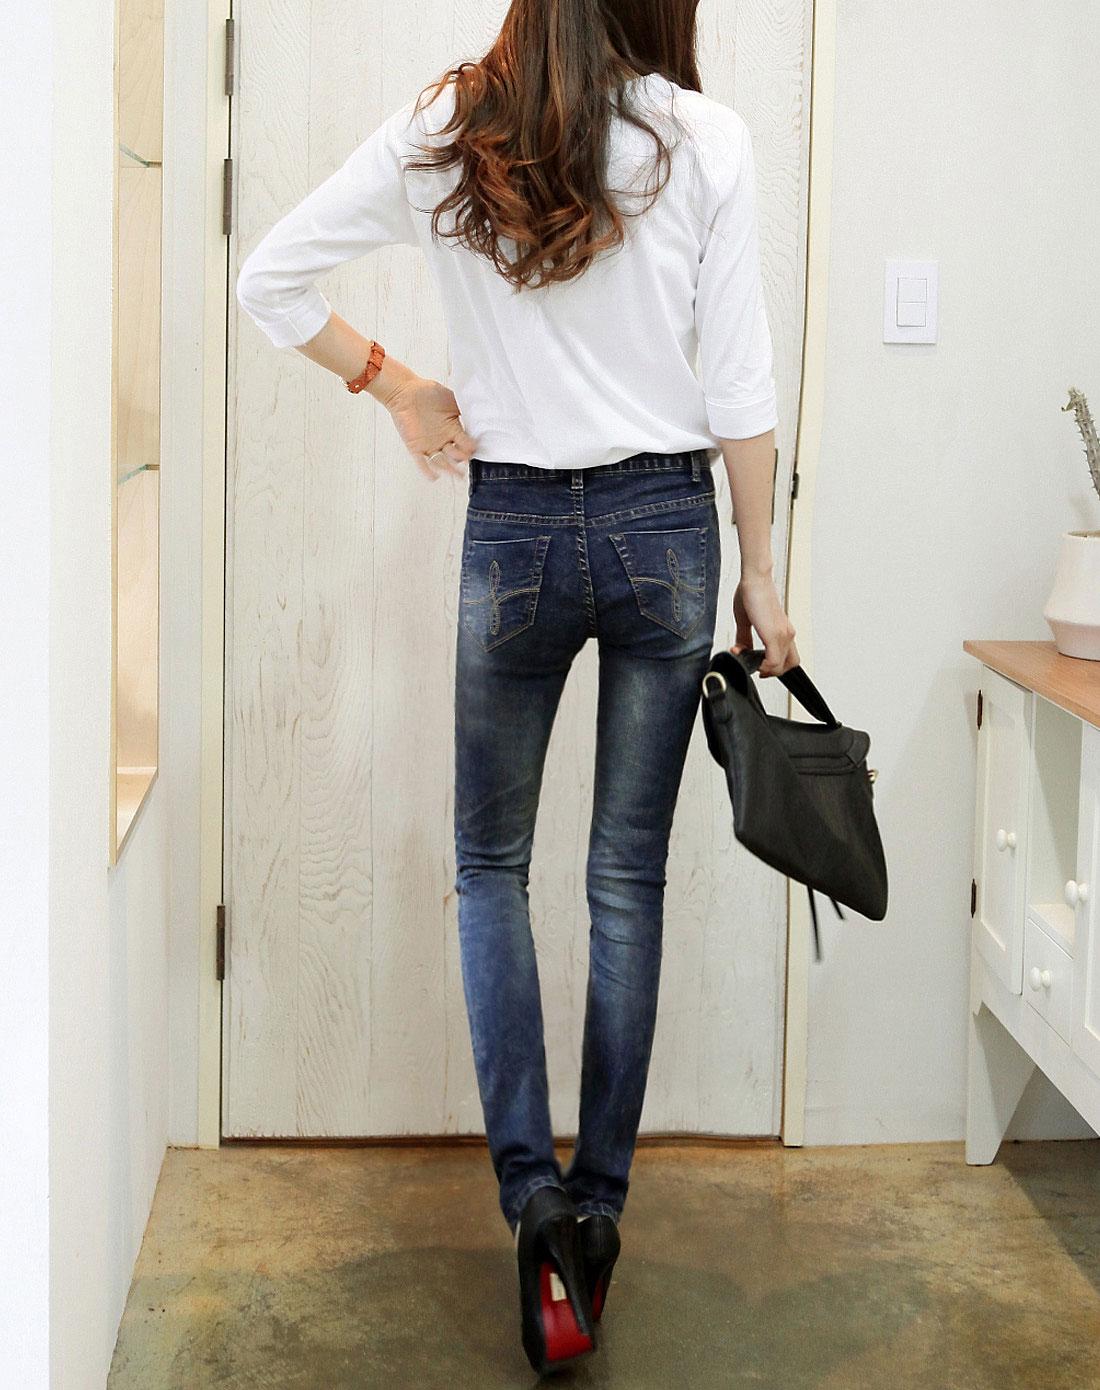 韩都衣舍女式牛仔裤展示视频